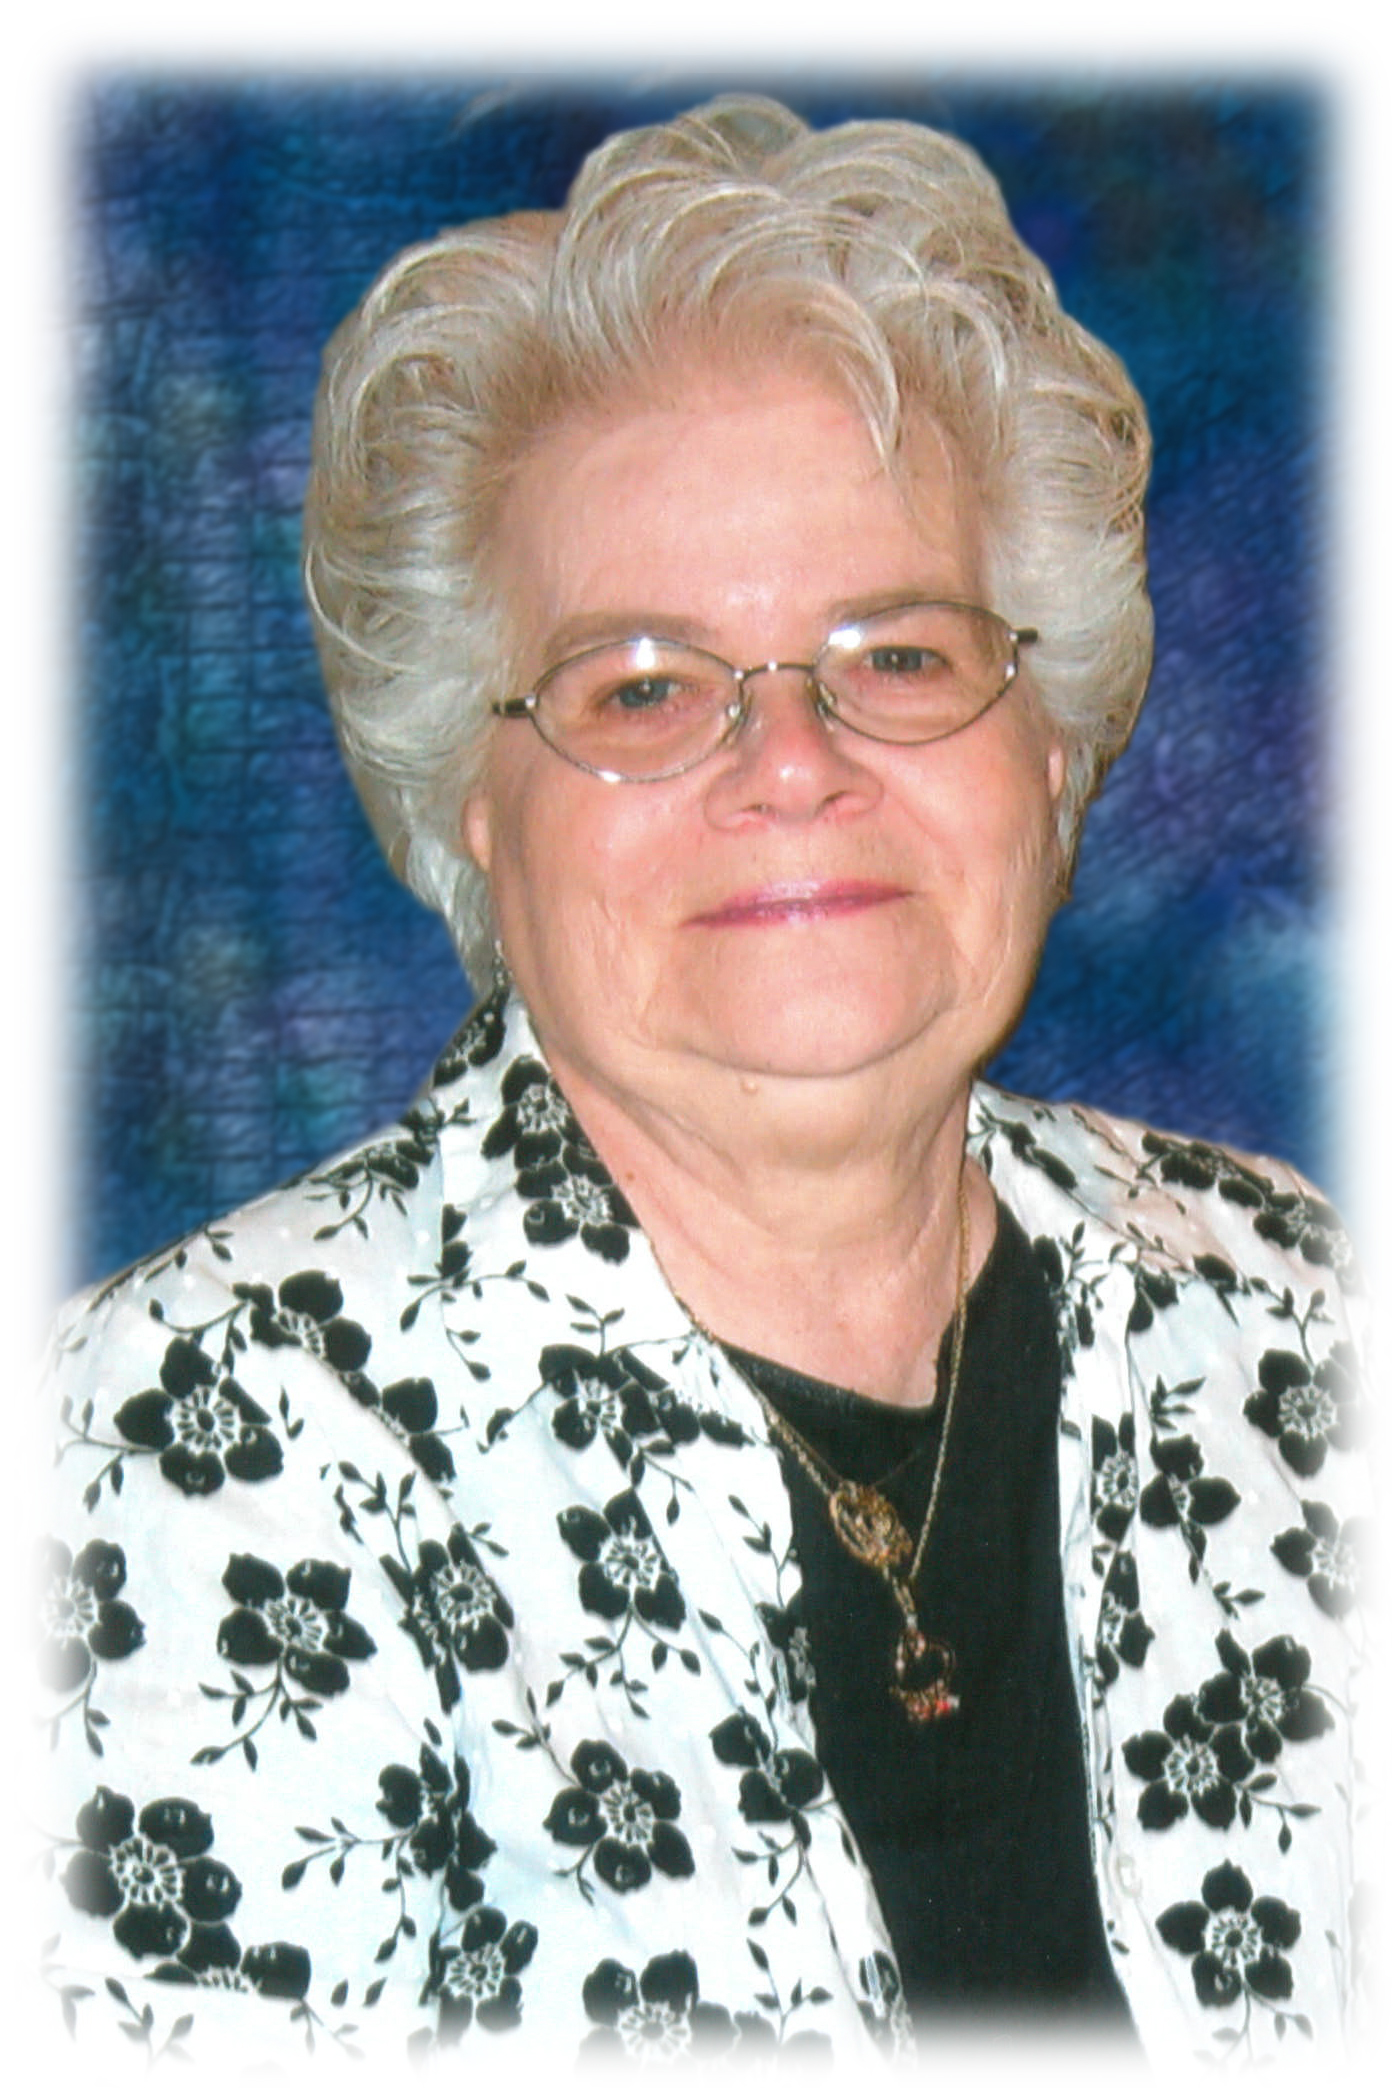 Obituary: MARGARET SCHMIES